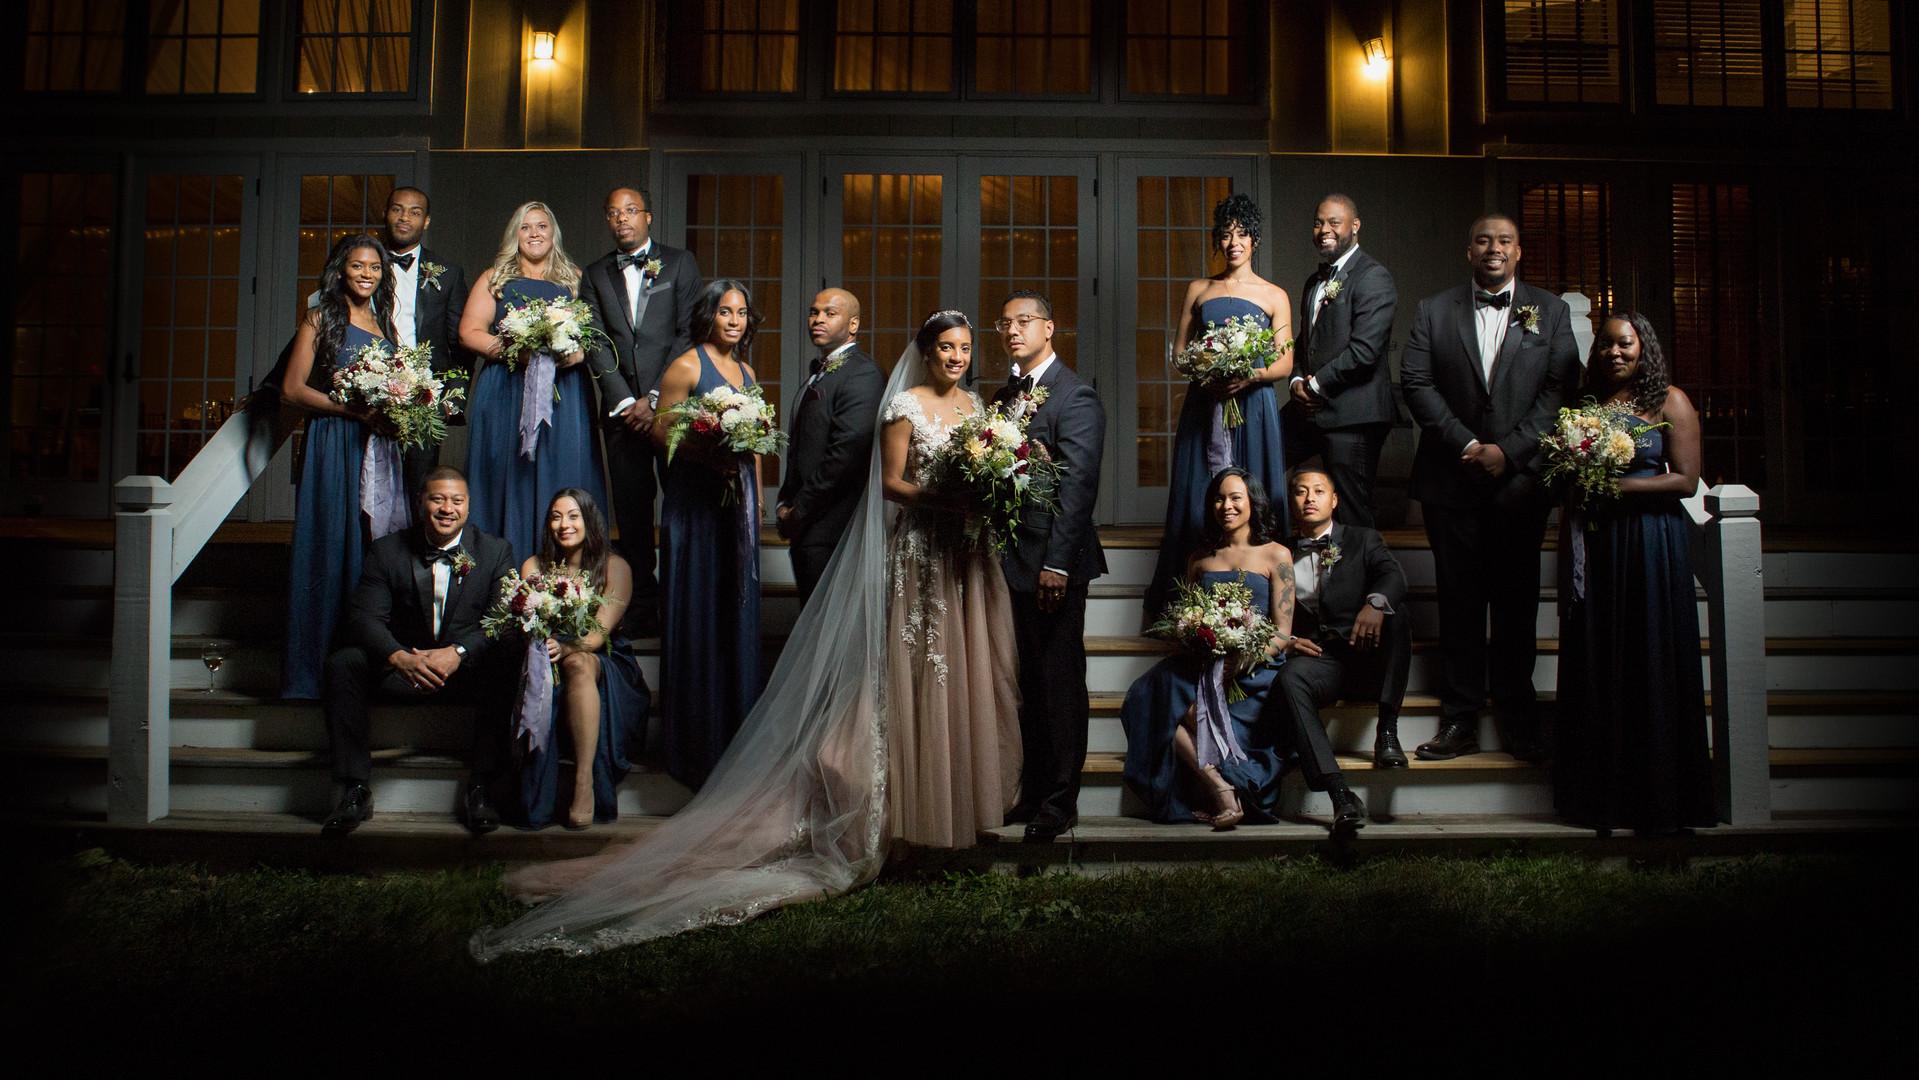 Wedding_Eastbrook01 copy.jpg